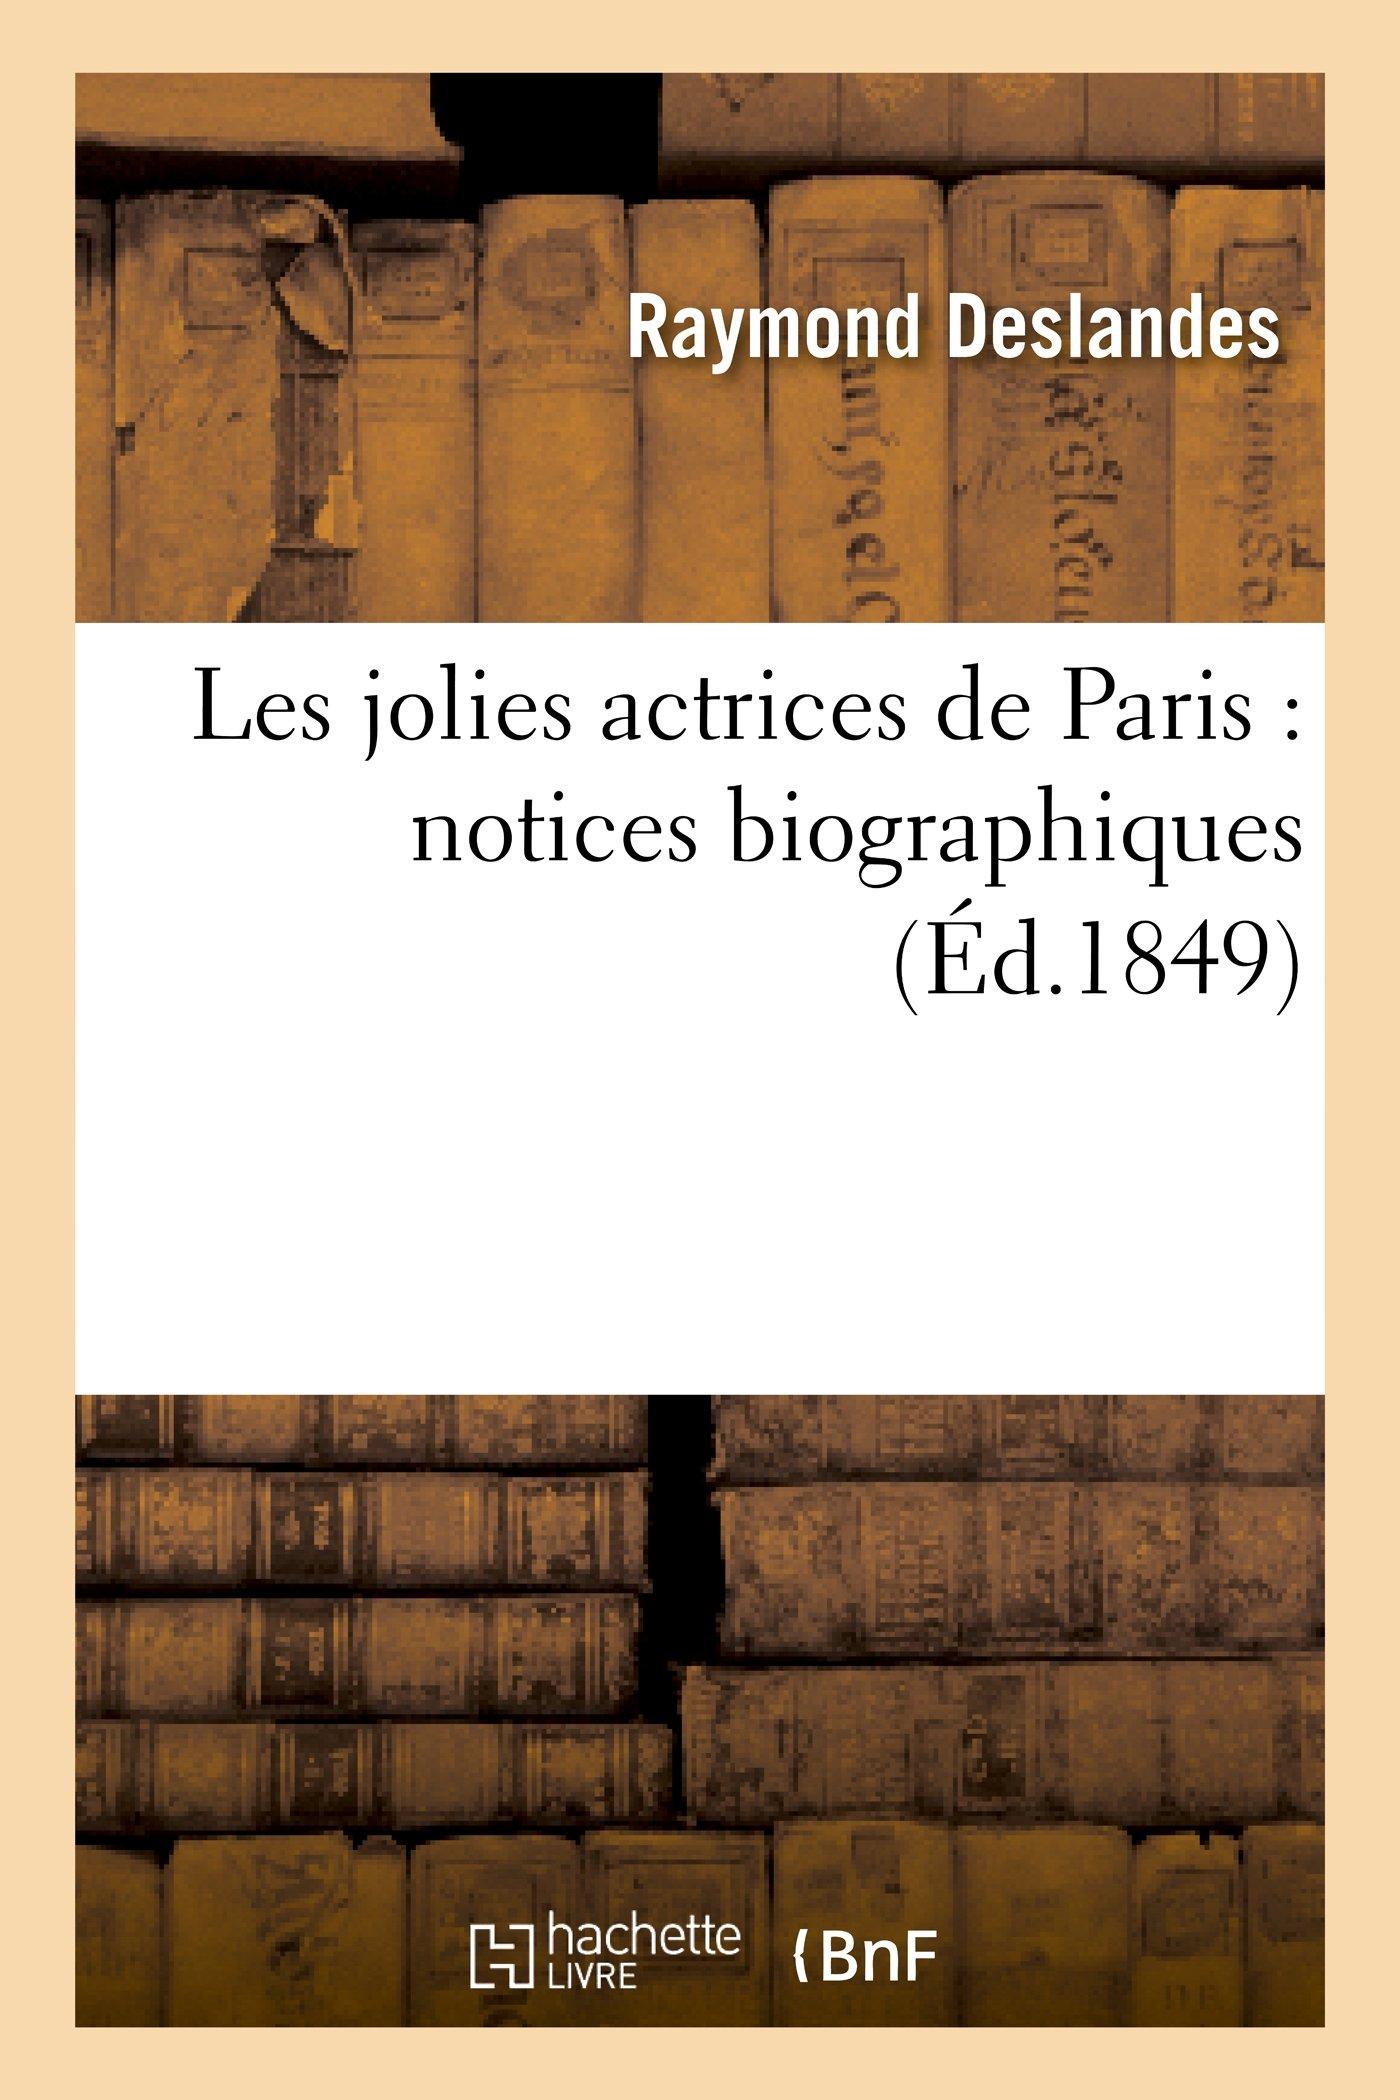 Les jolies actrices de Paris (French Edition)